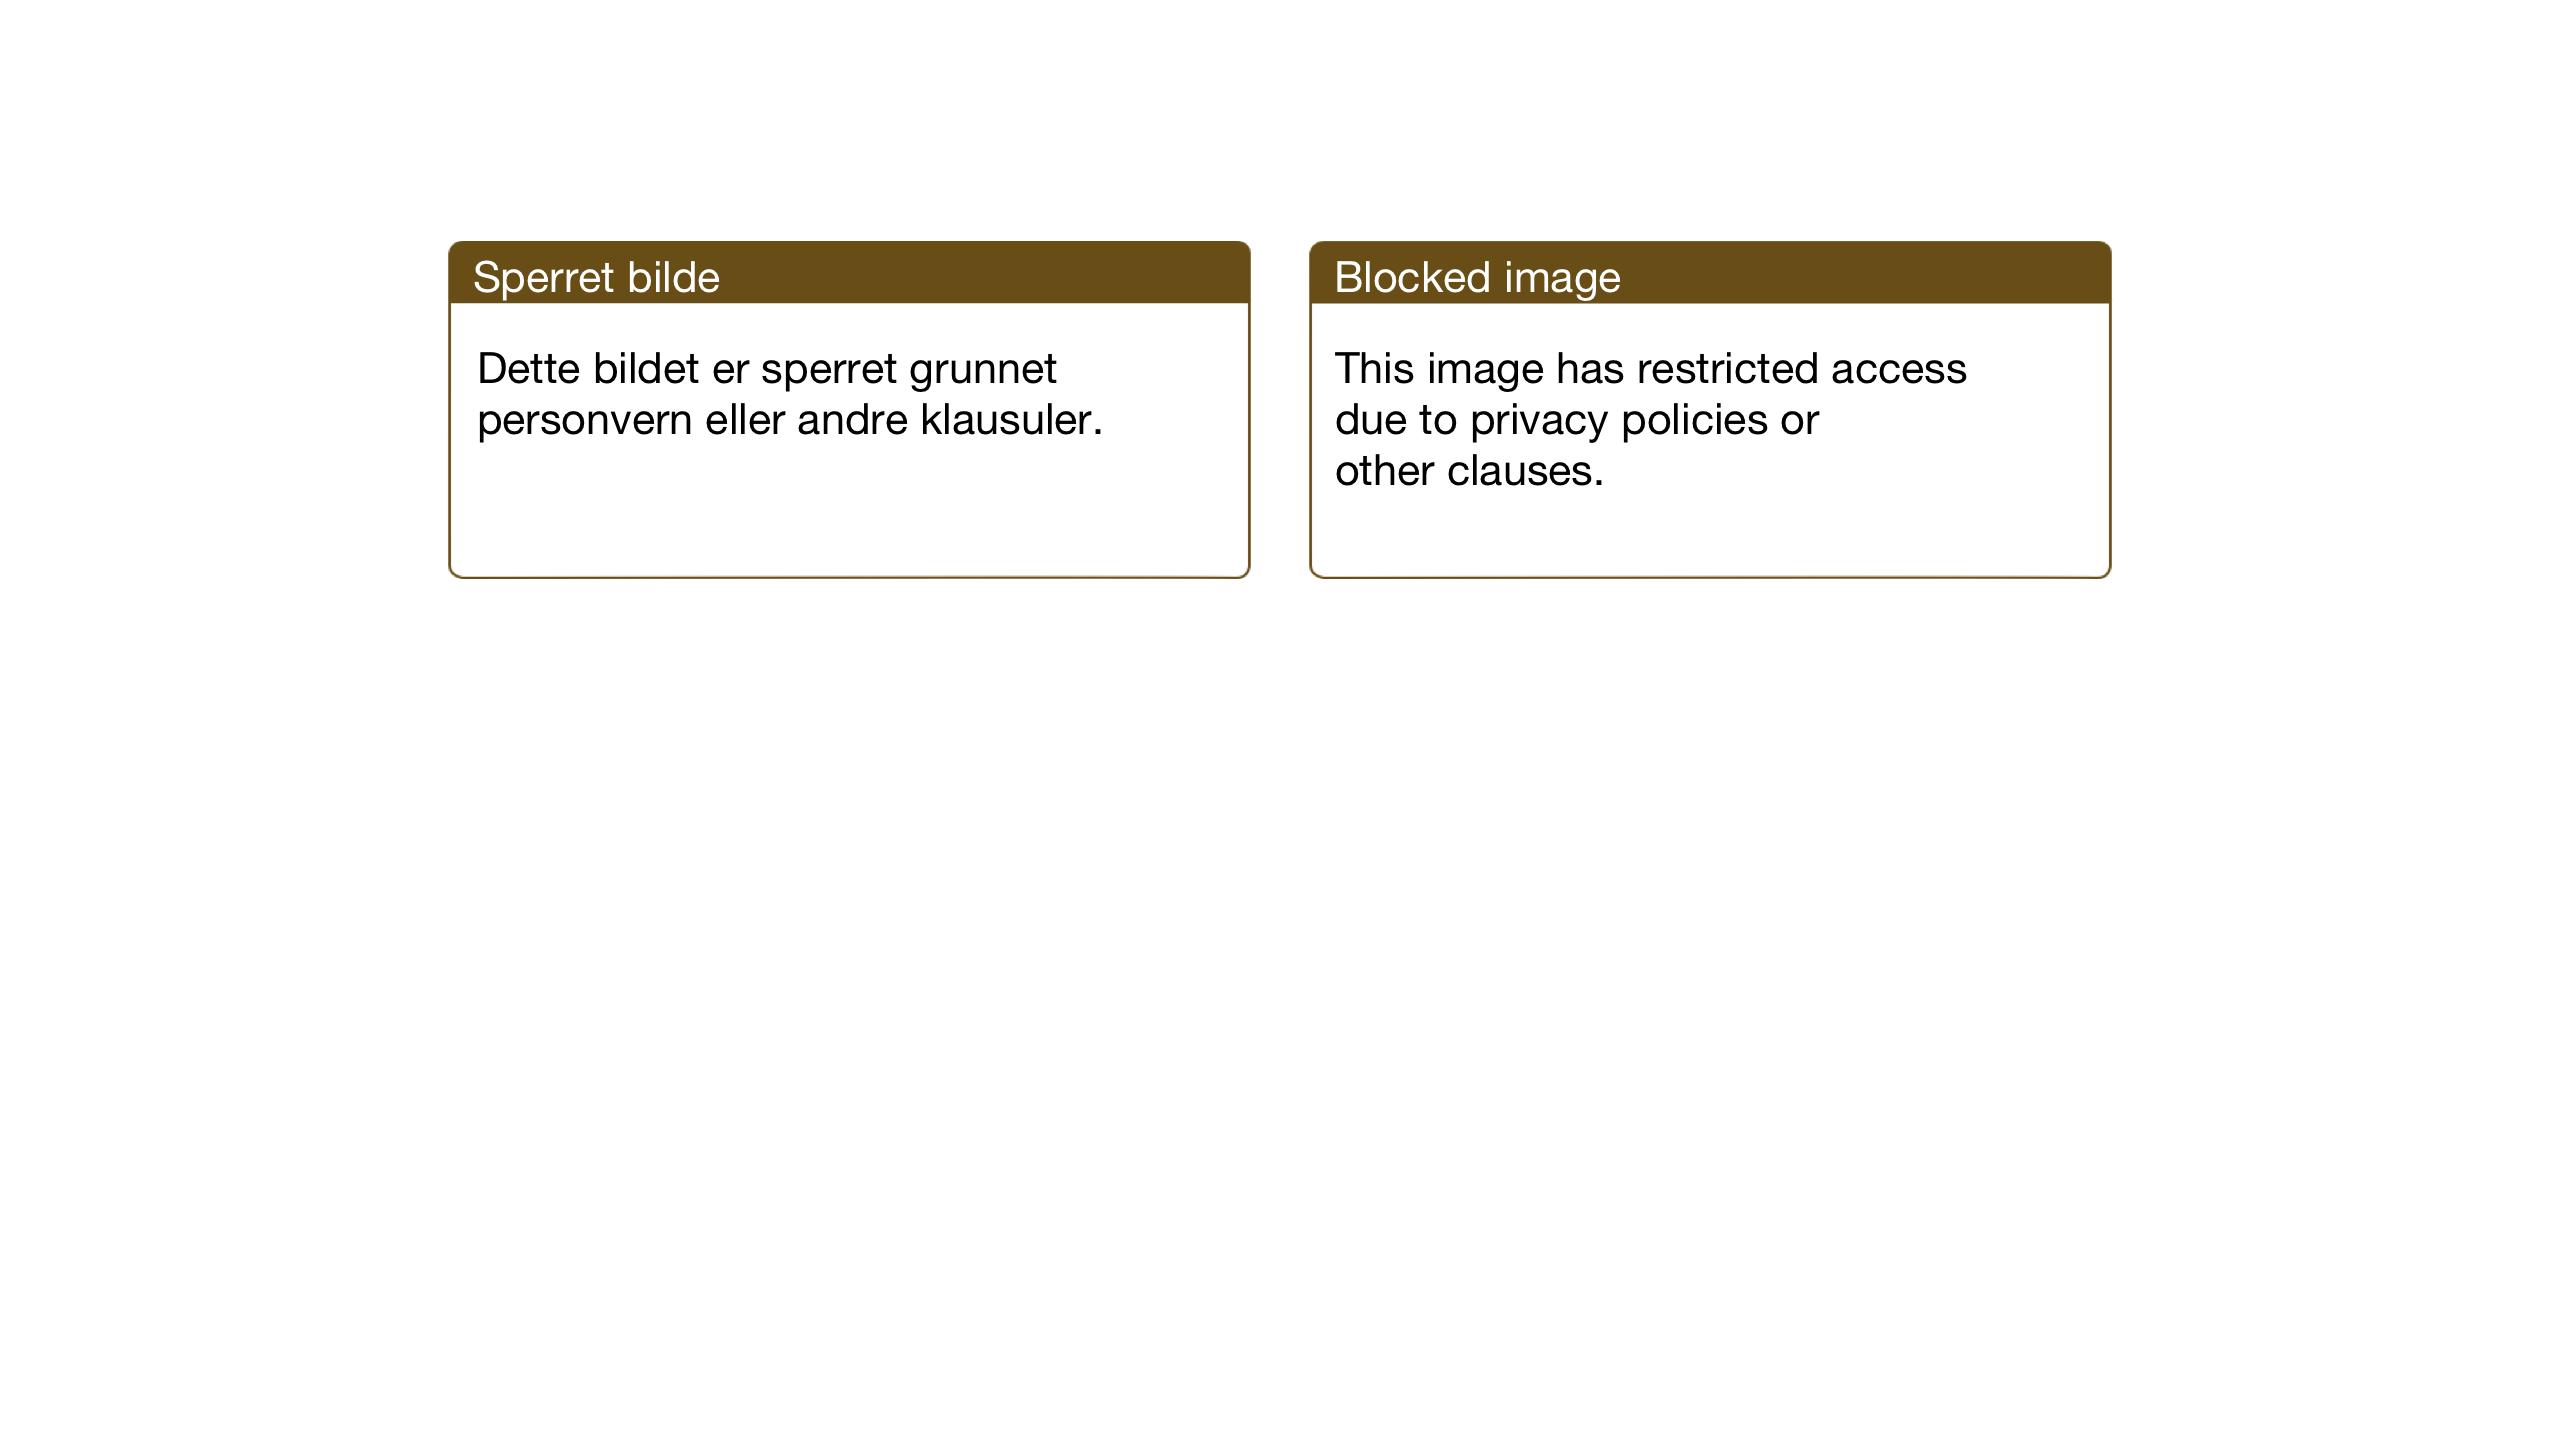 SAT, Ministerialprotokoller, klokkerbøker og fødselsregistre - Nord-Trøndelag, 741/L0403: Ministerialbok nr. 741C04, 1925-1944, s. 46